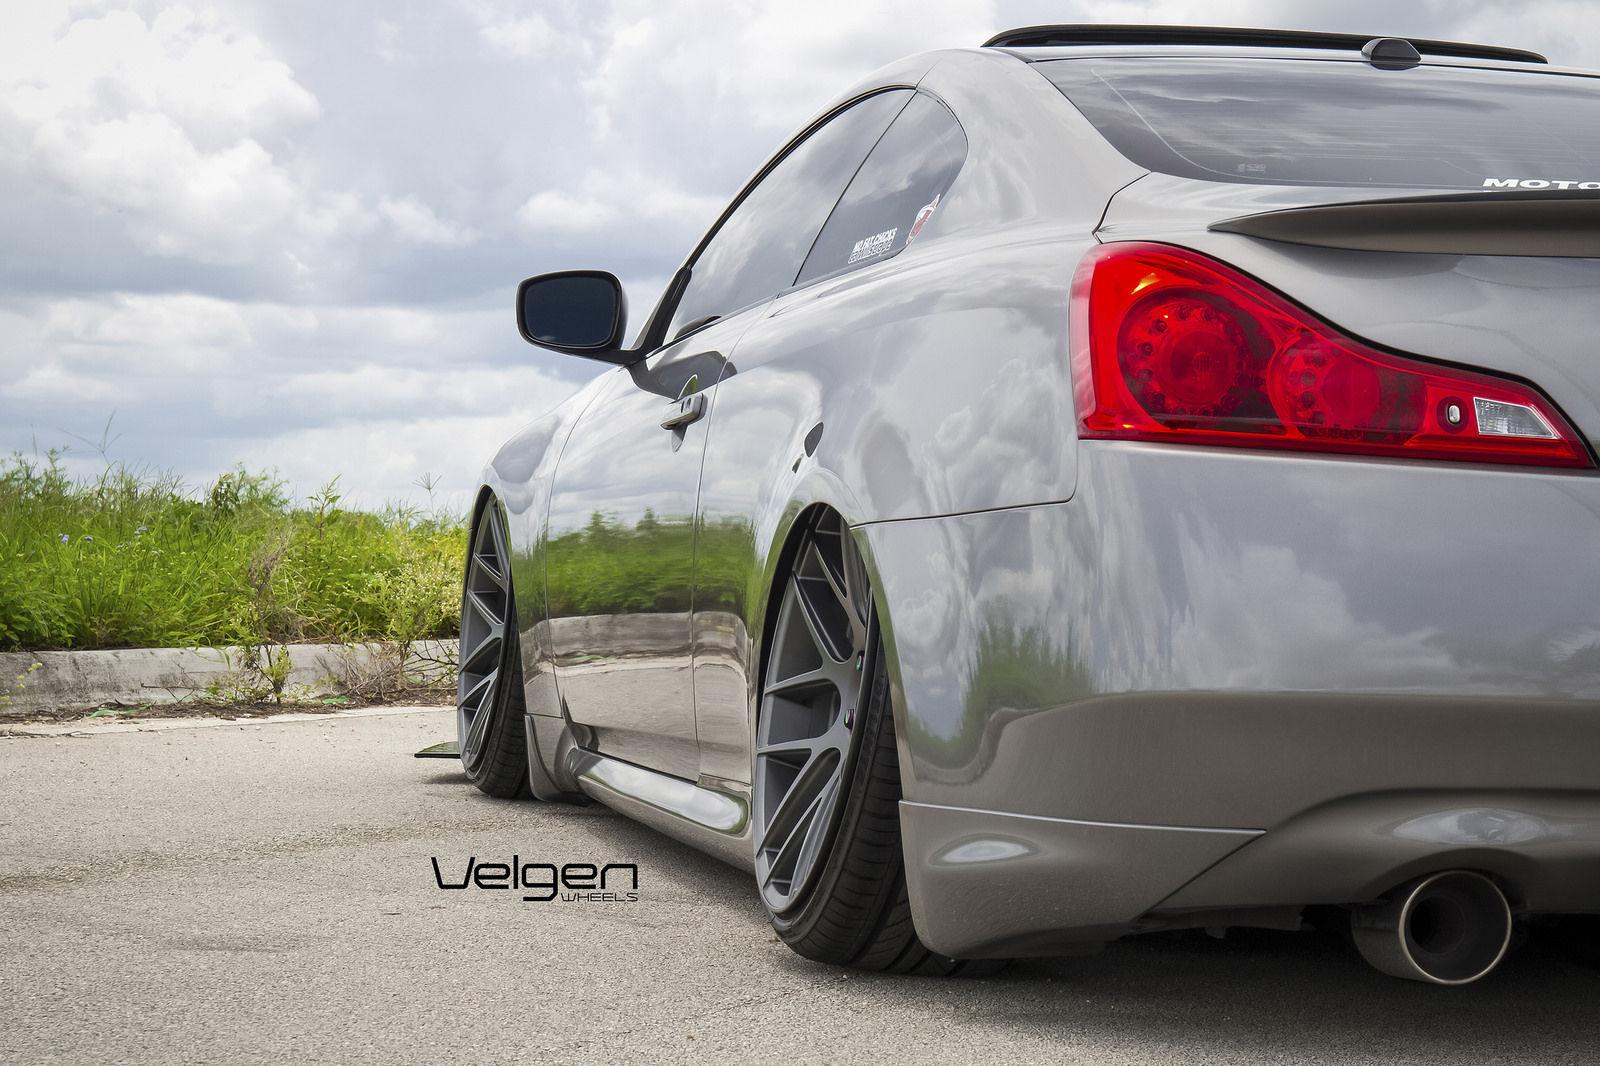 Infiniti G37 Coupe | Bagged Infiniti G37s on Velgen Wheels VMB7 - Fitment